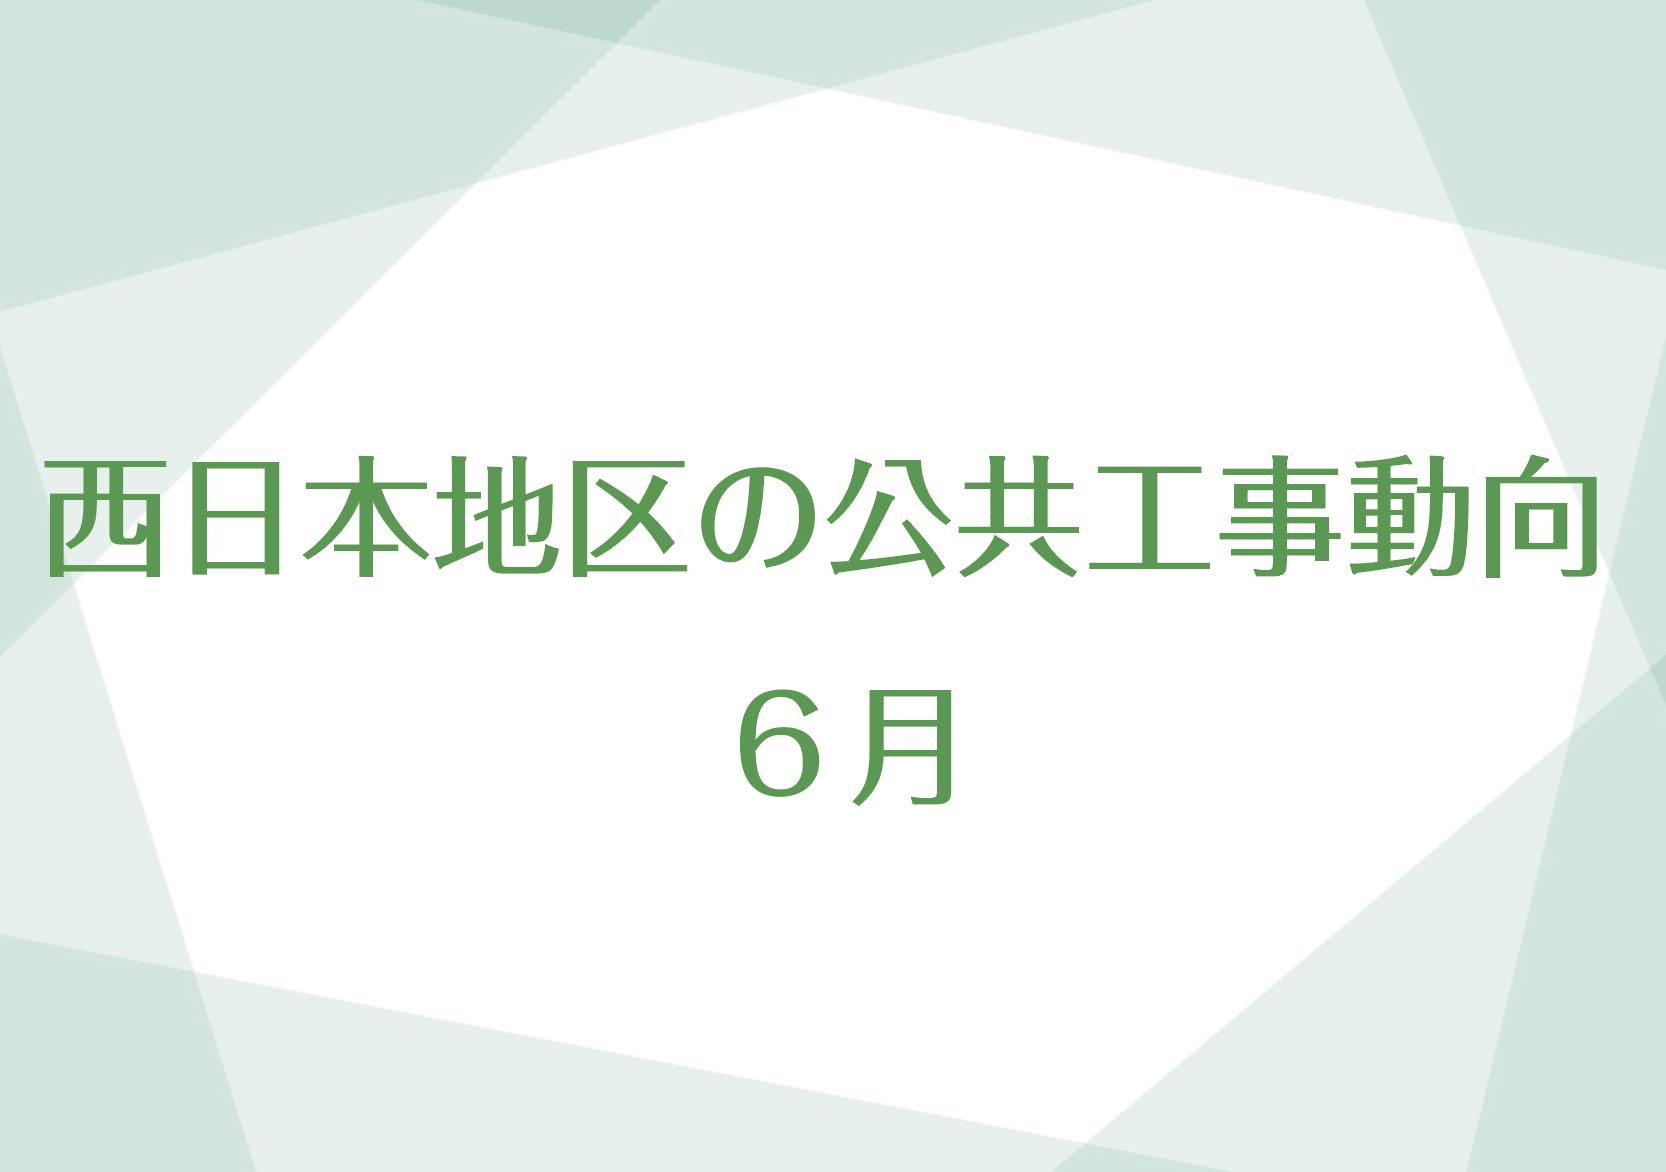 西日本地区の公共工事動向 6月の画像